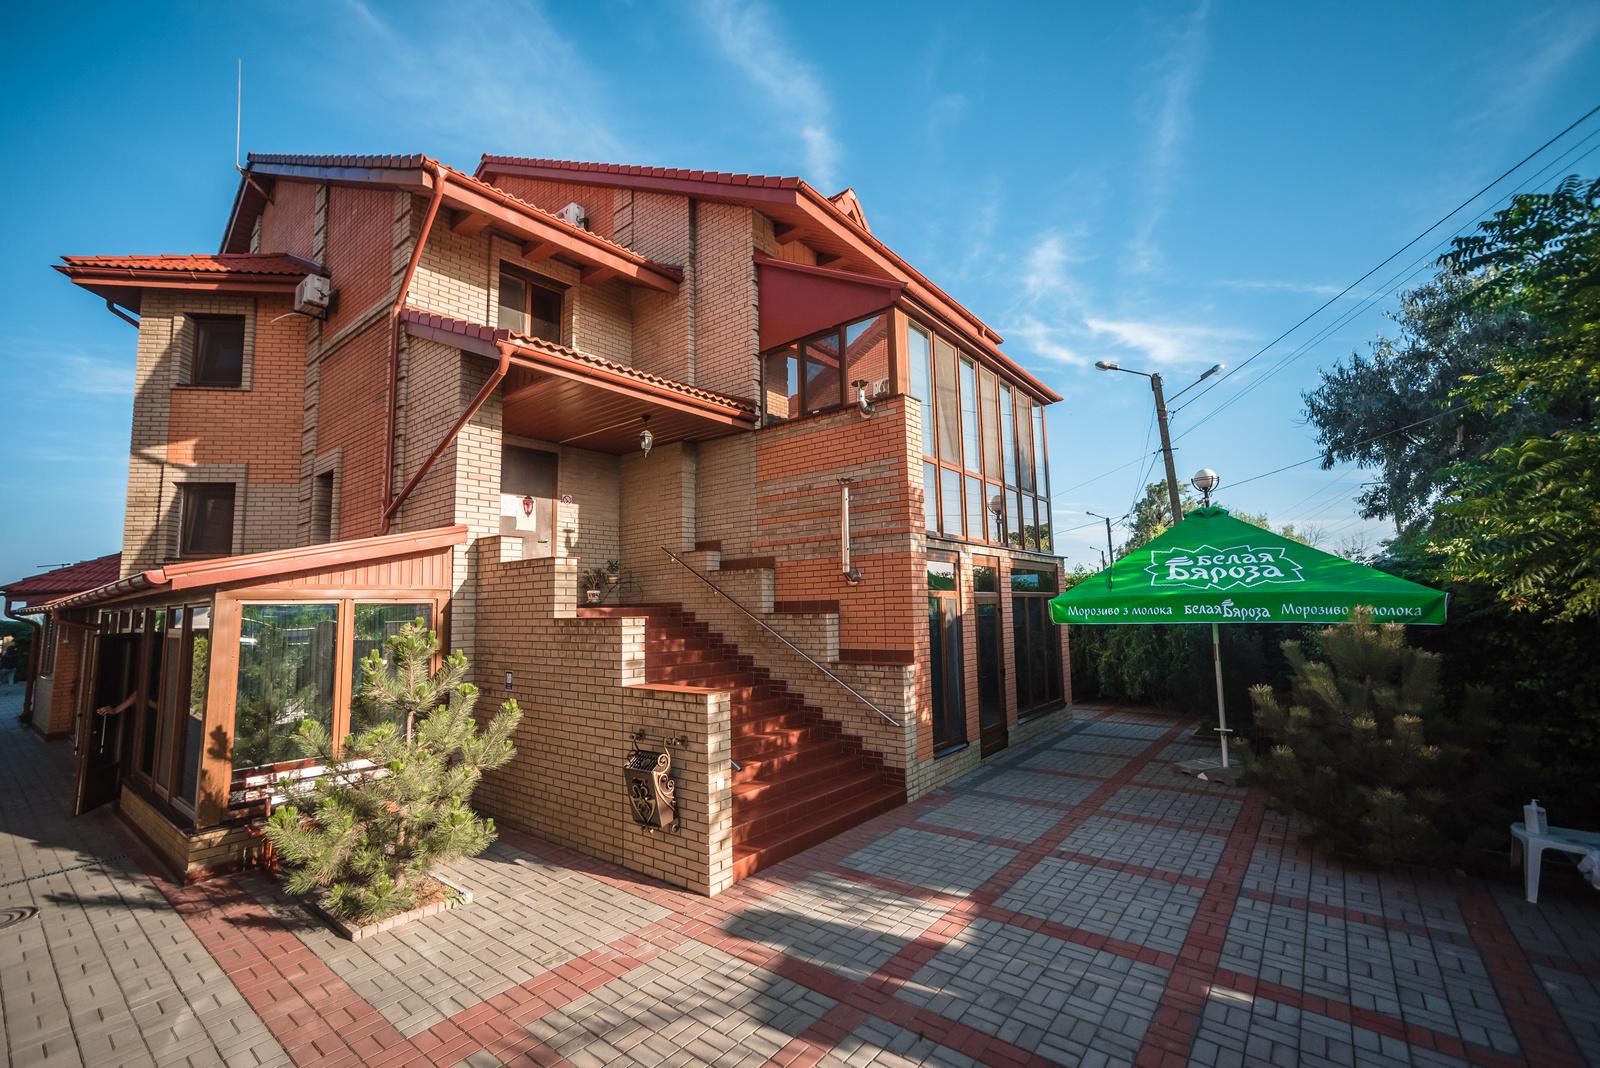 Бердянск - отель - гостиница Амальтея